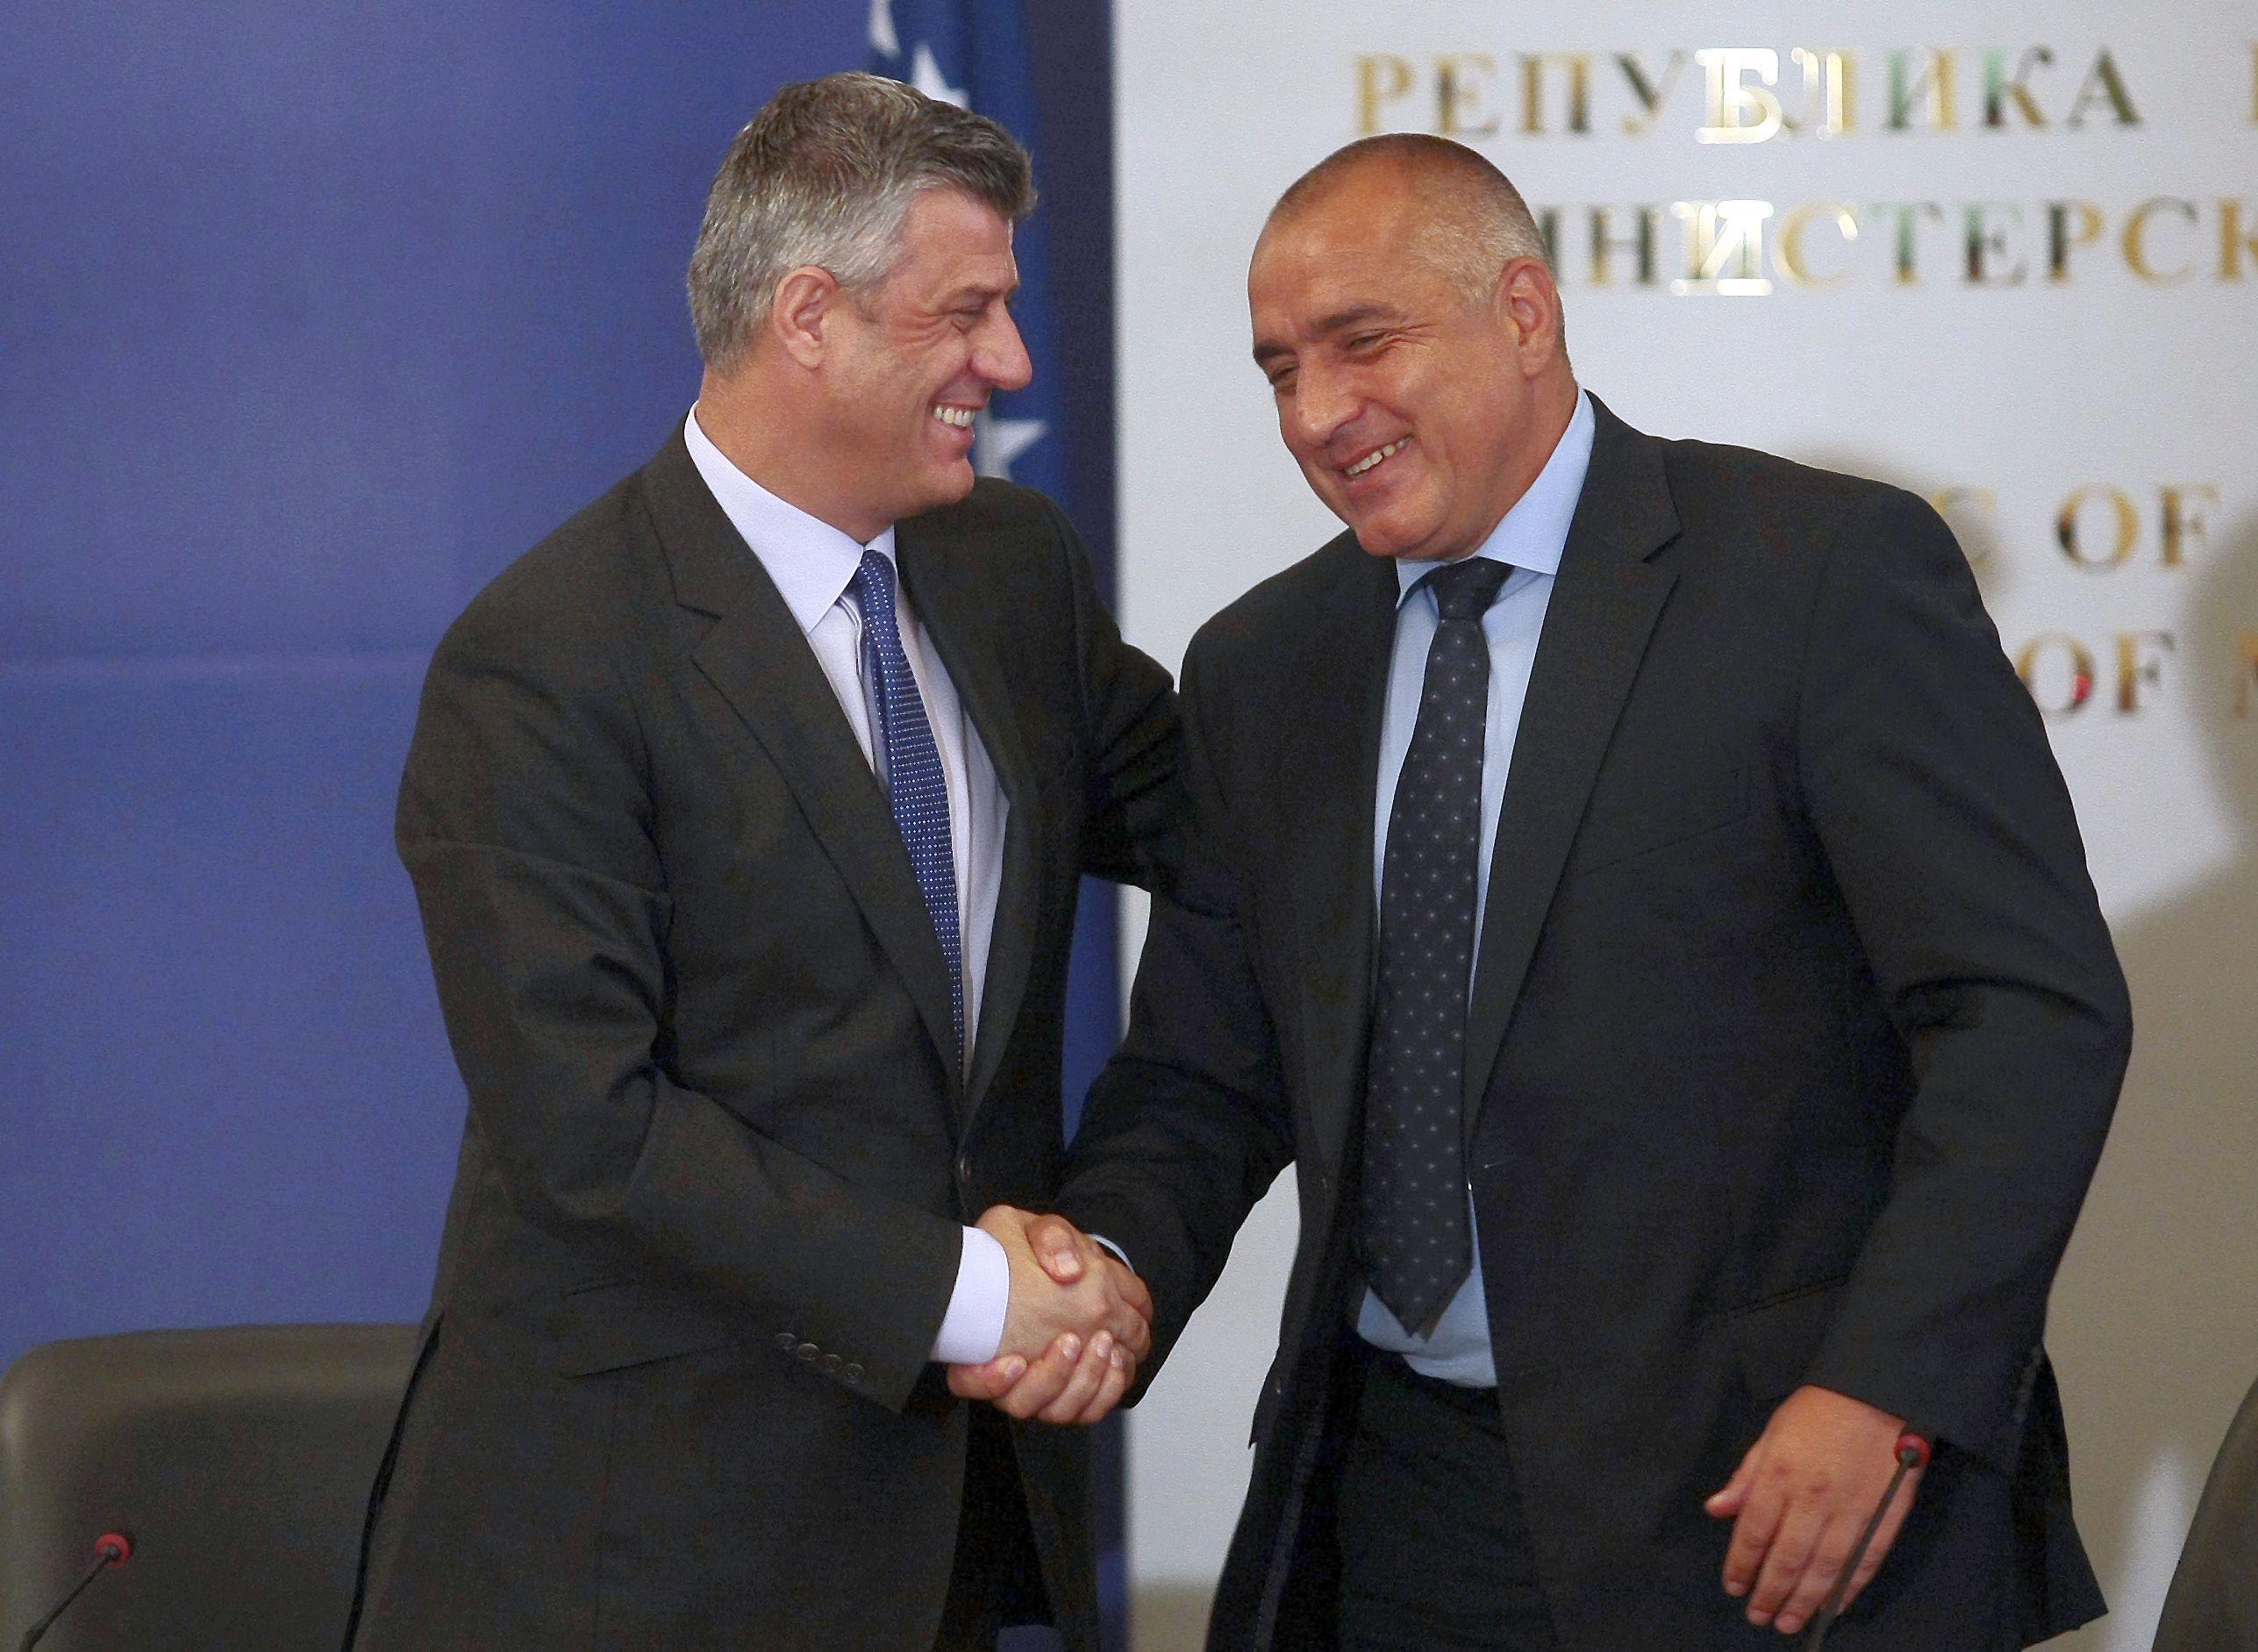 Борисов се закани на Македония заради Спаска Митрова